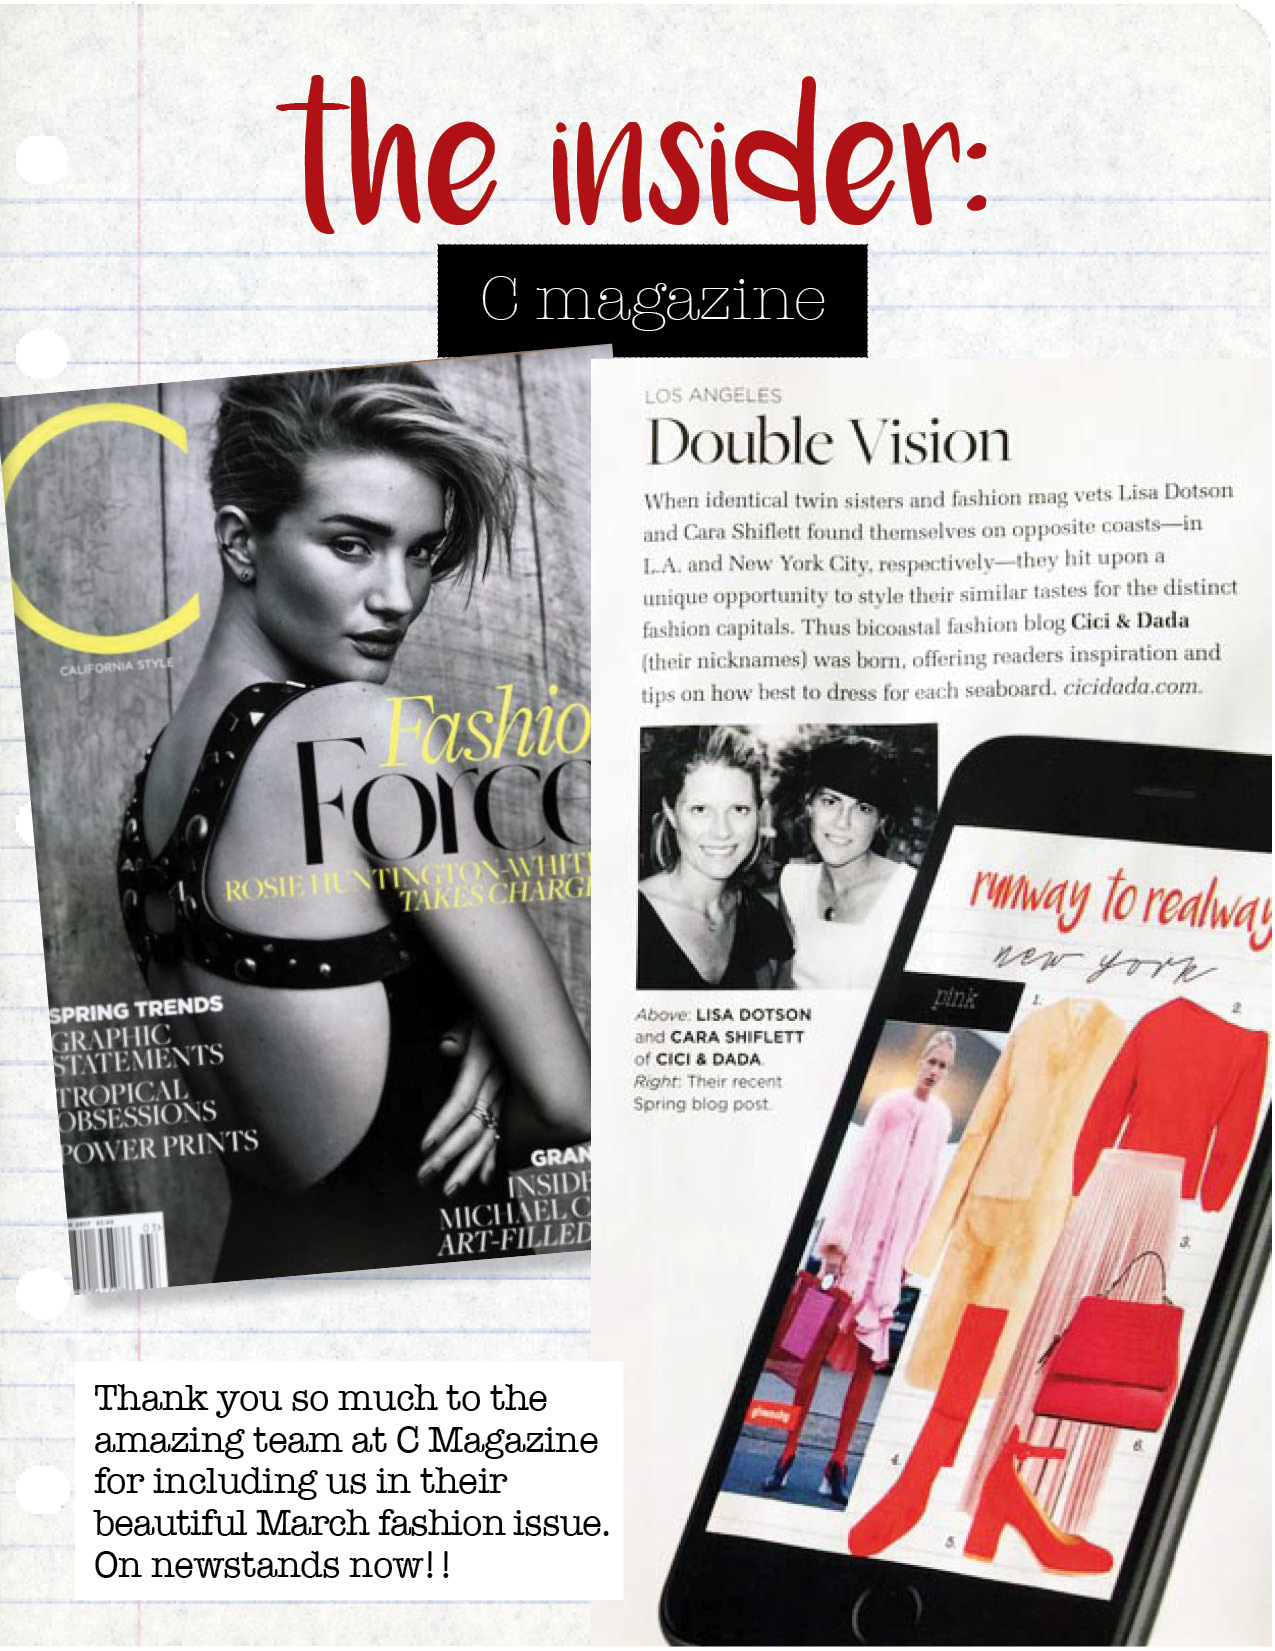 1. C magazine  magazinec.com